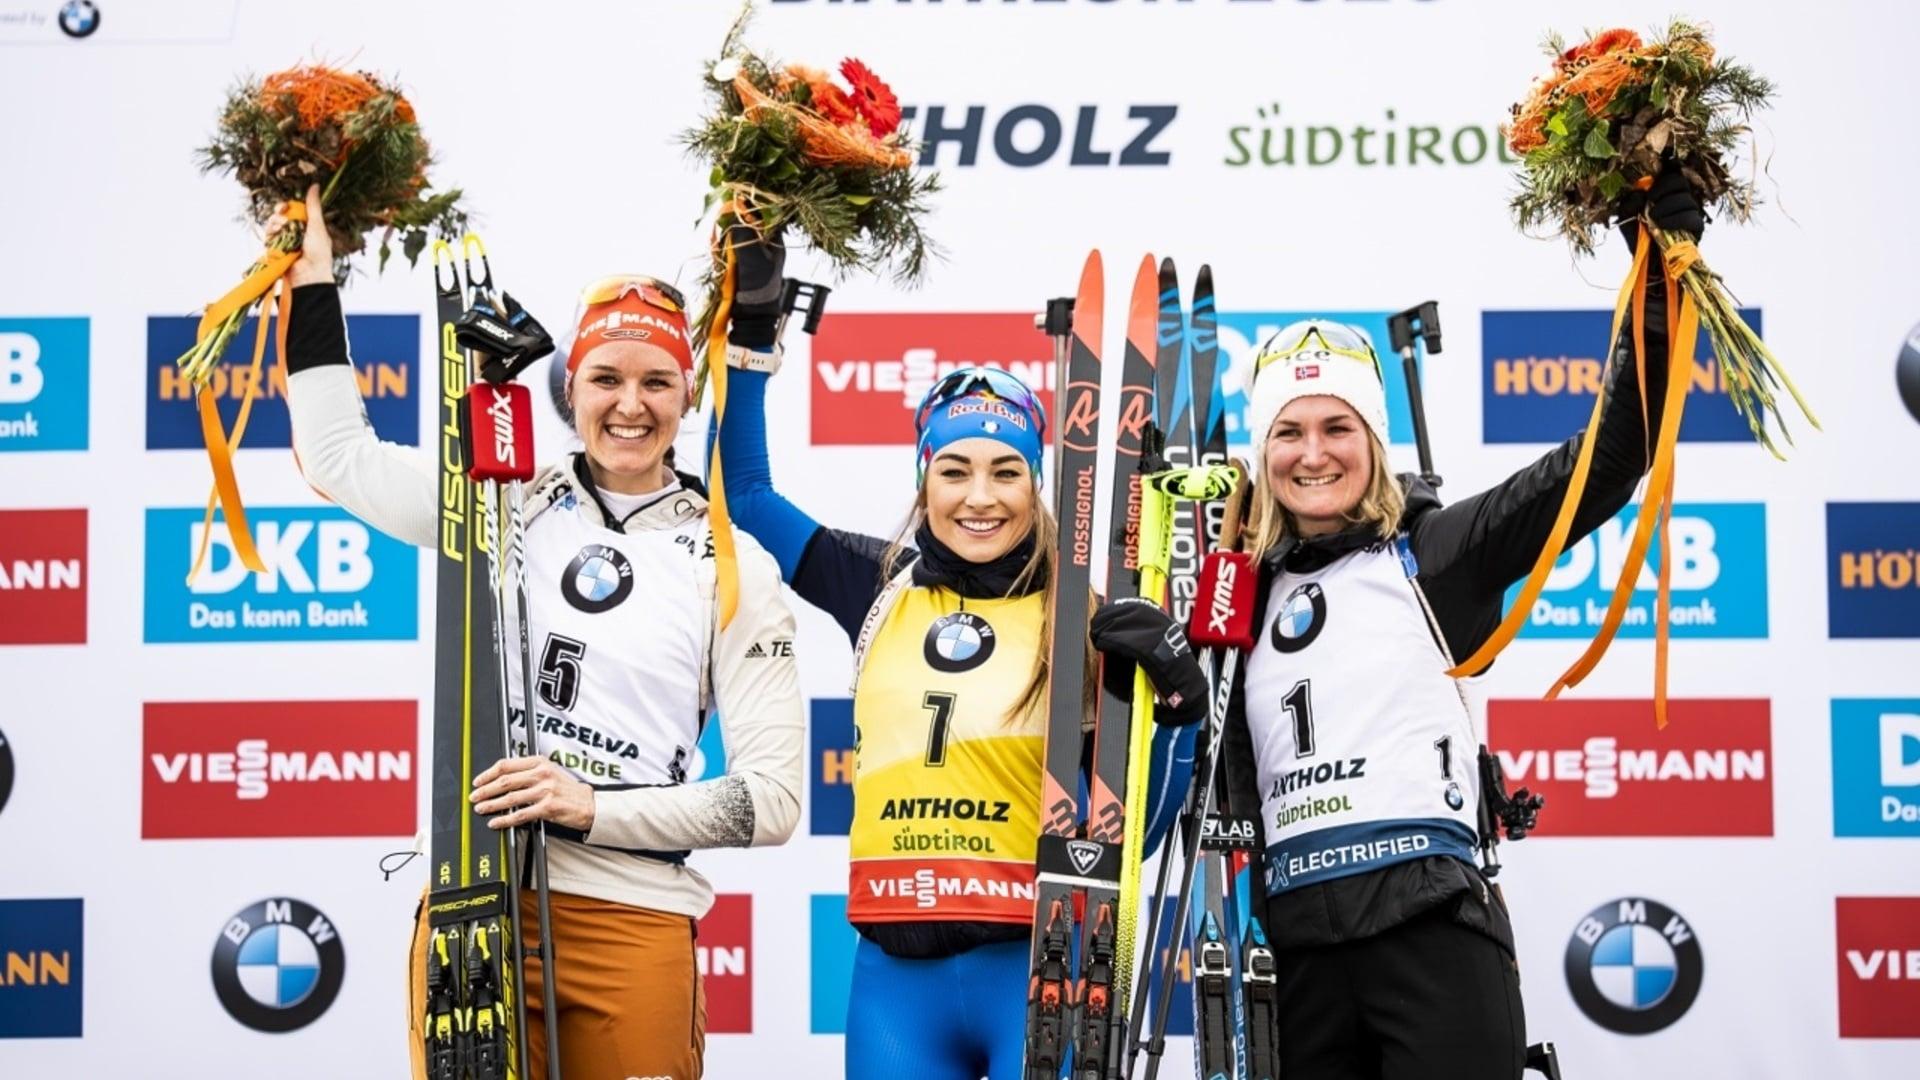 16.02.2020 - Dorothea Wierer campionessa del mondo nell'inseguimento!